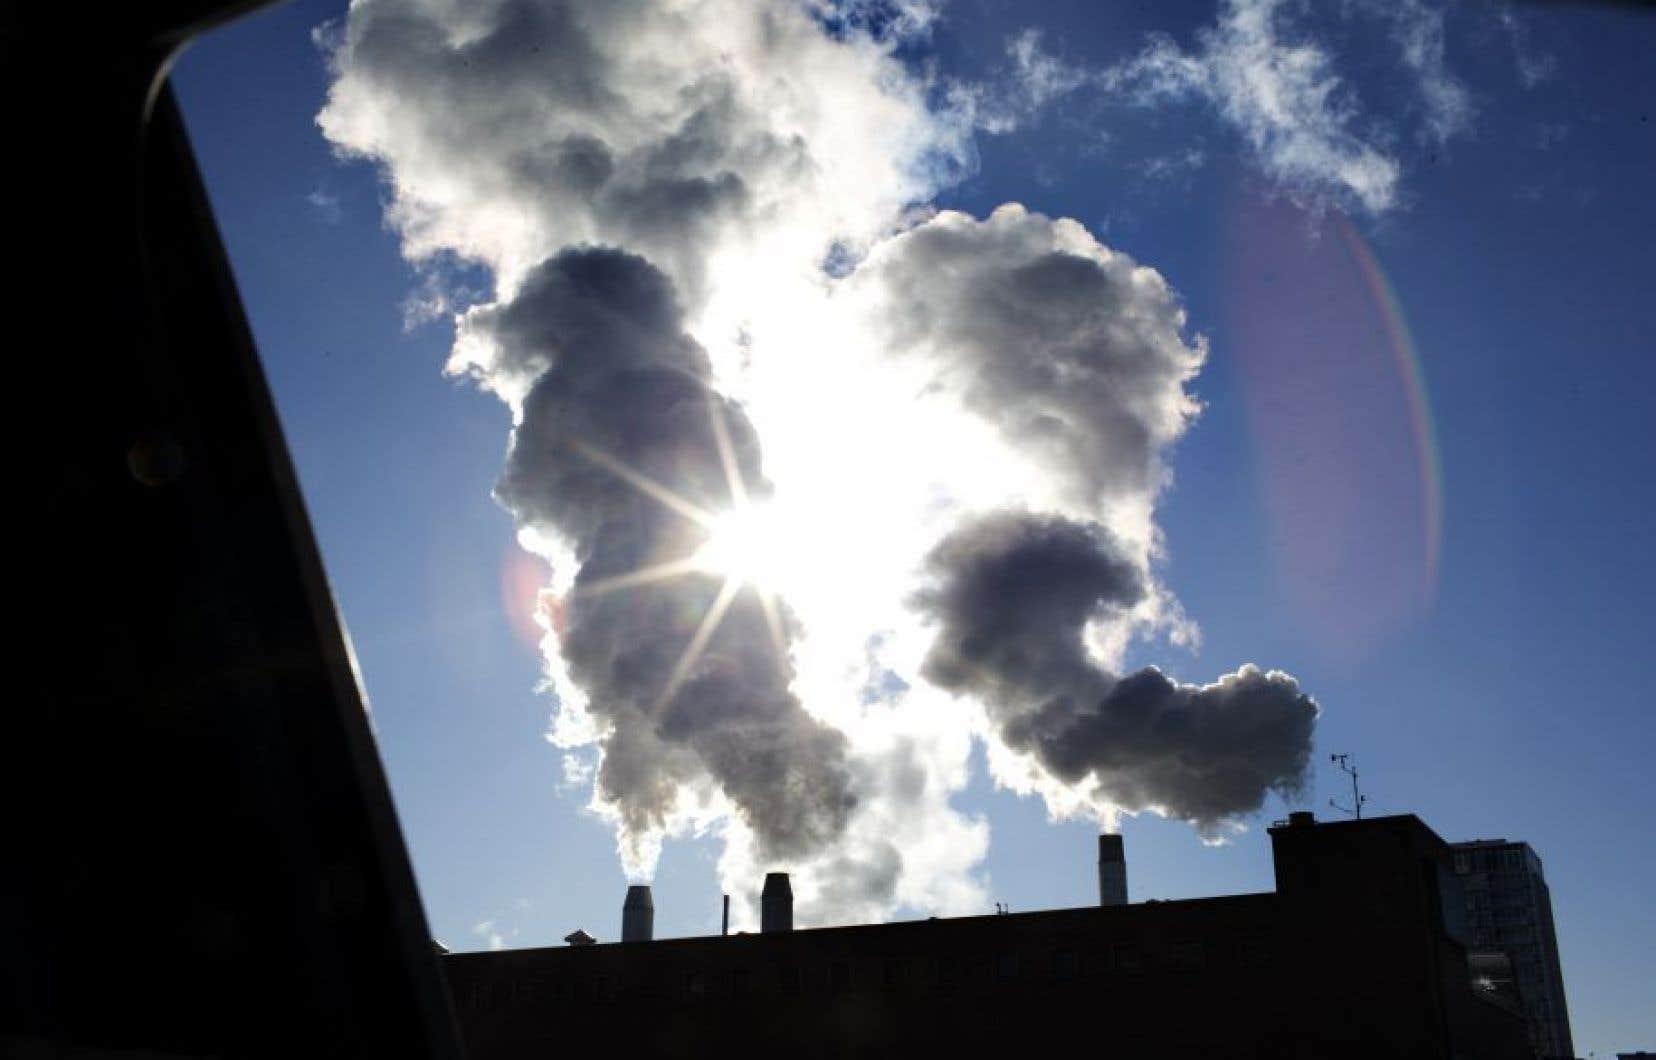 Les émissions de dioxyde de carbone provenant de la combustion d'énergies fossiles devront être plafonnées autour de 2020 et commencer à diminuer d'ici 2030, selon le rapport de l'ONU.